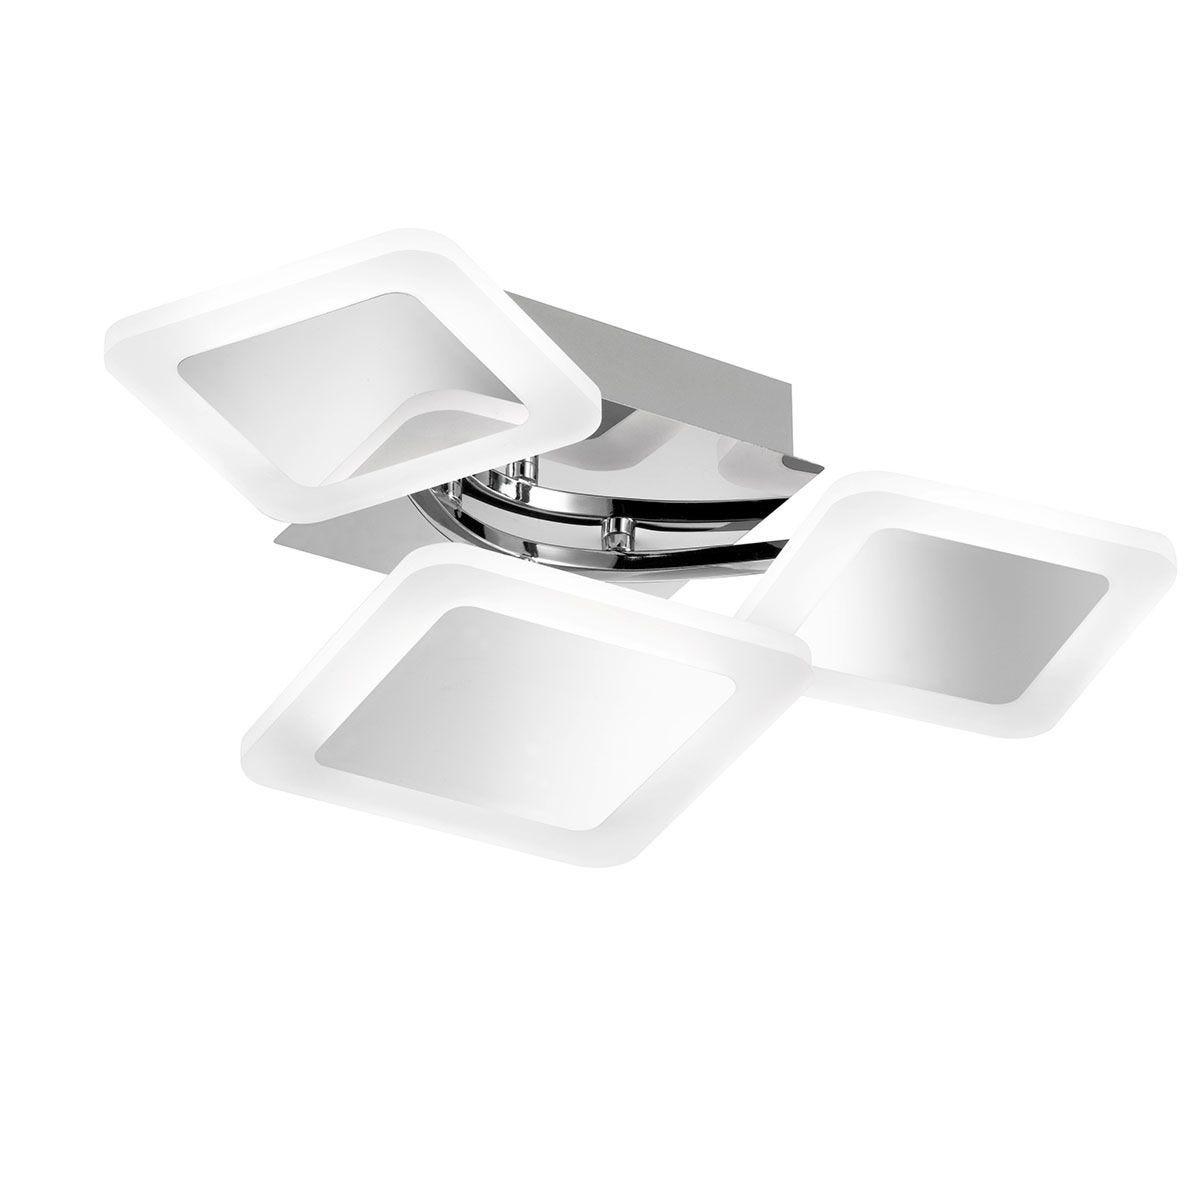 Wofi Impuls Ceiling Lamp  - Chrome - LED (23W)